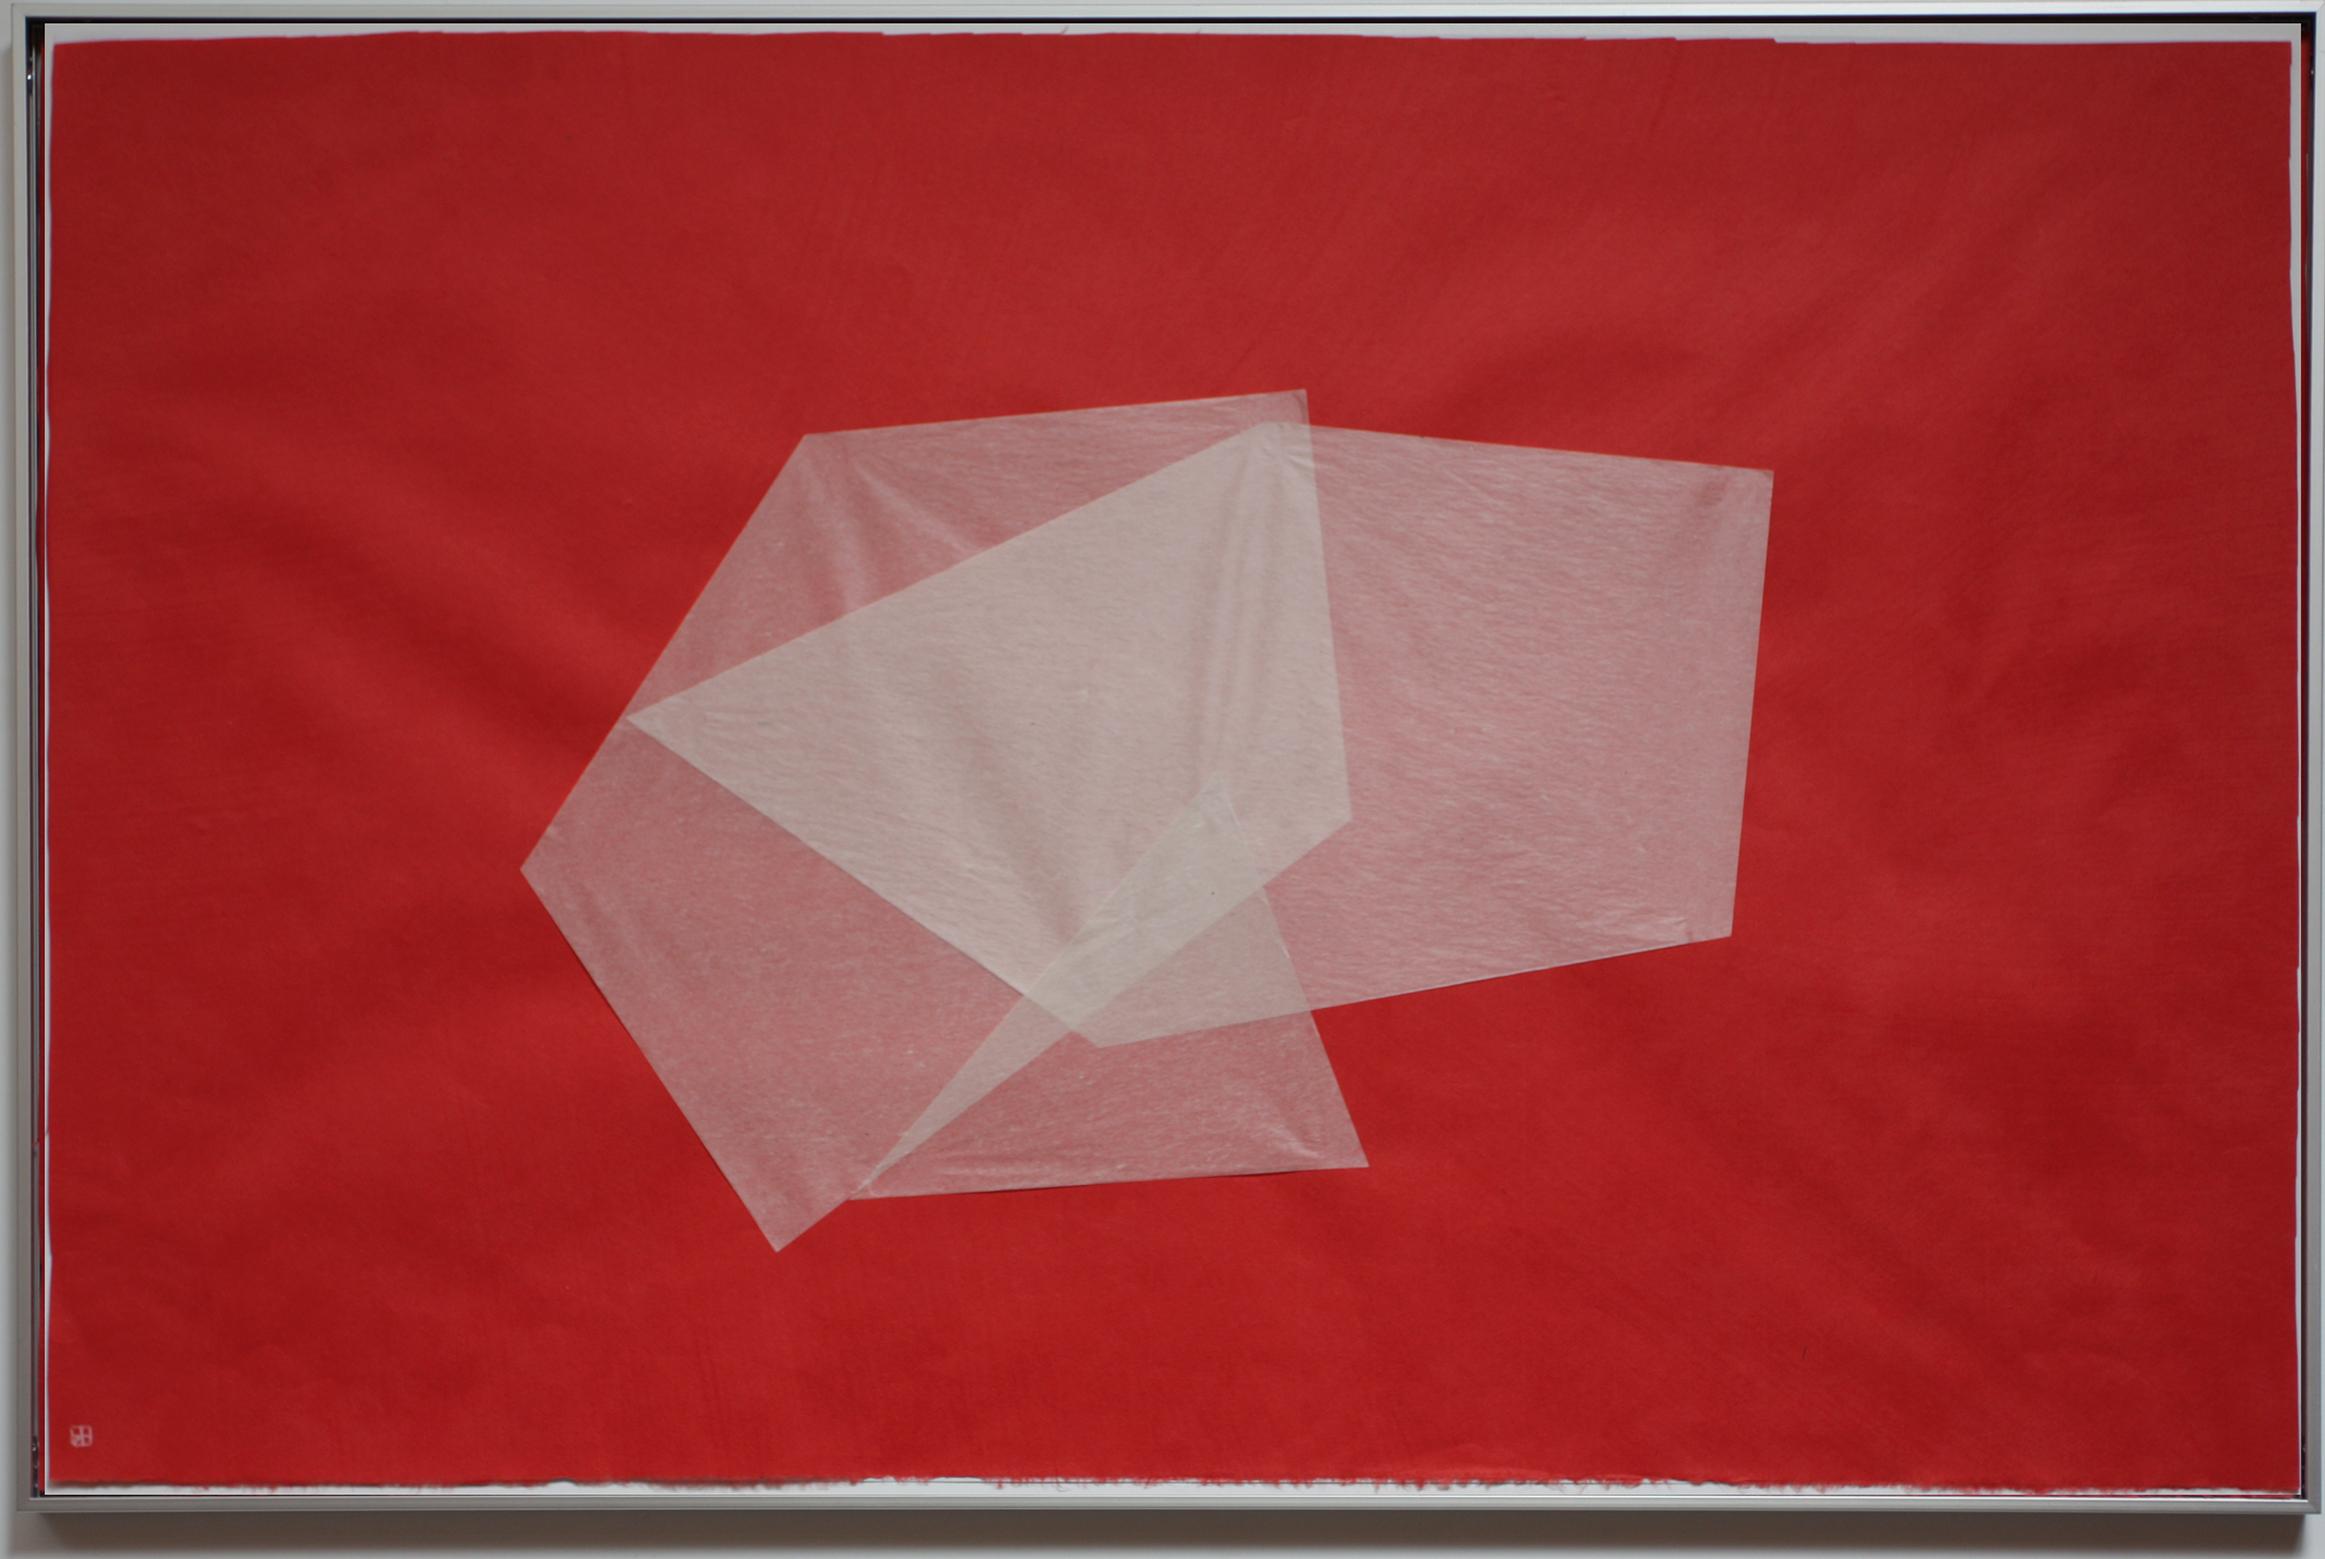 Marco pliegue rojo 1